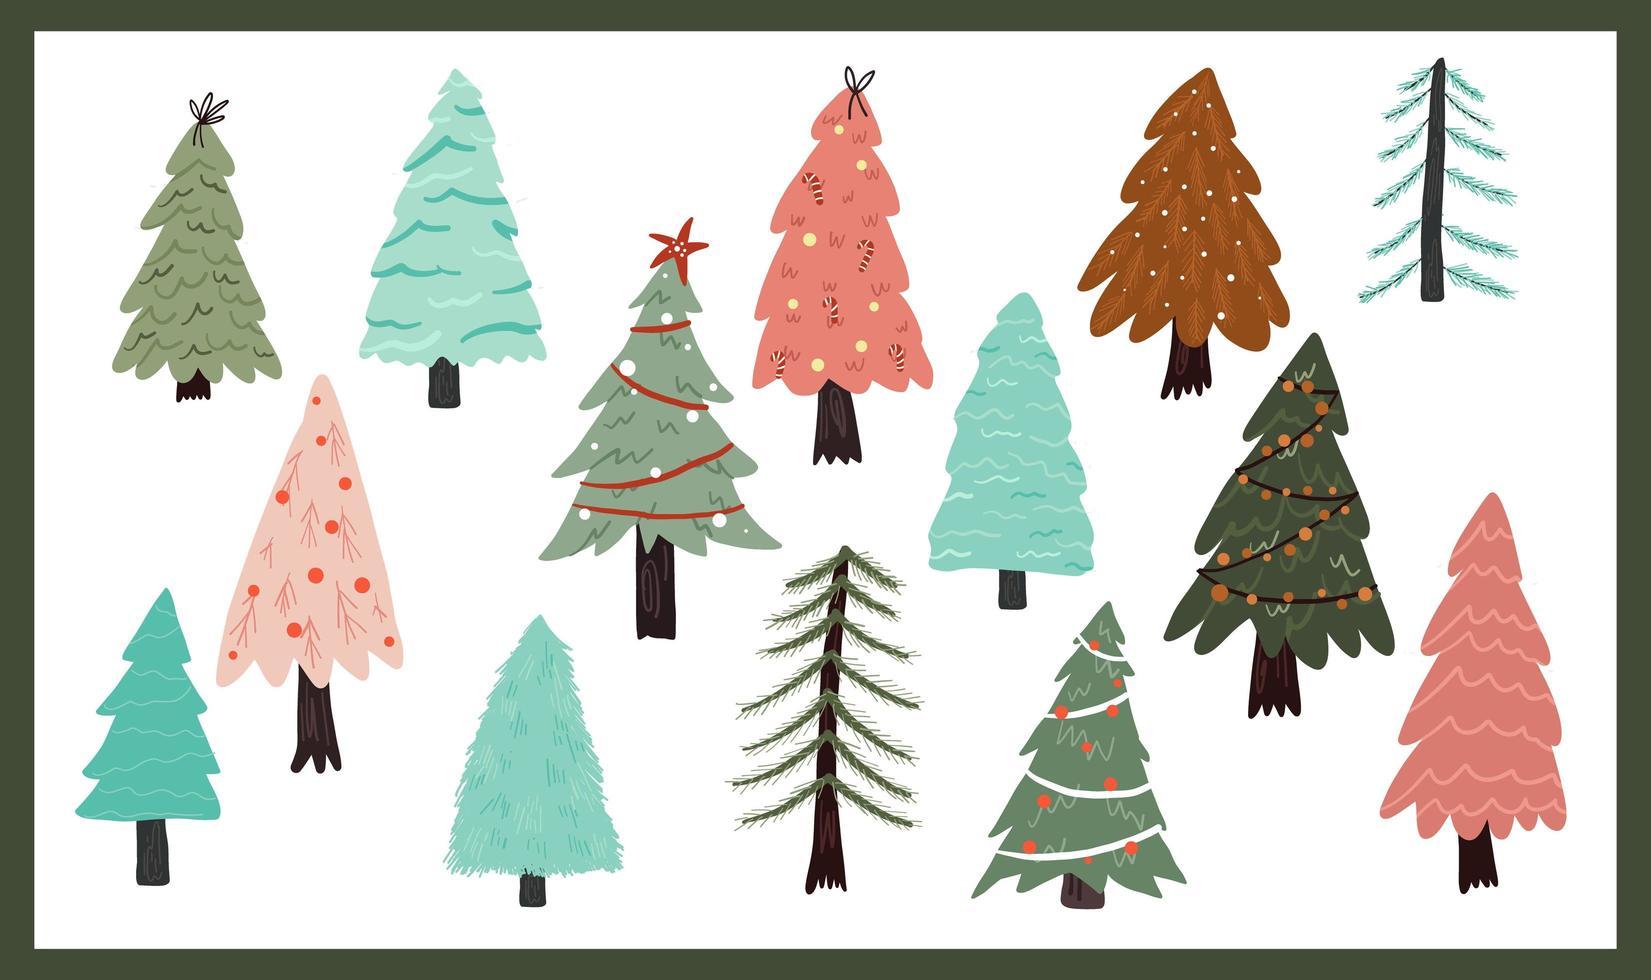 kerst schattige boomelementen vector